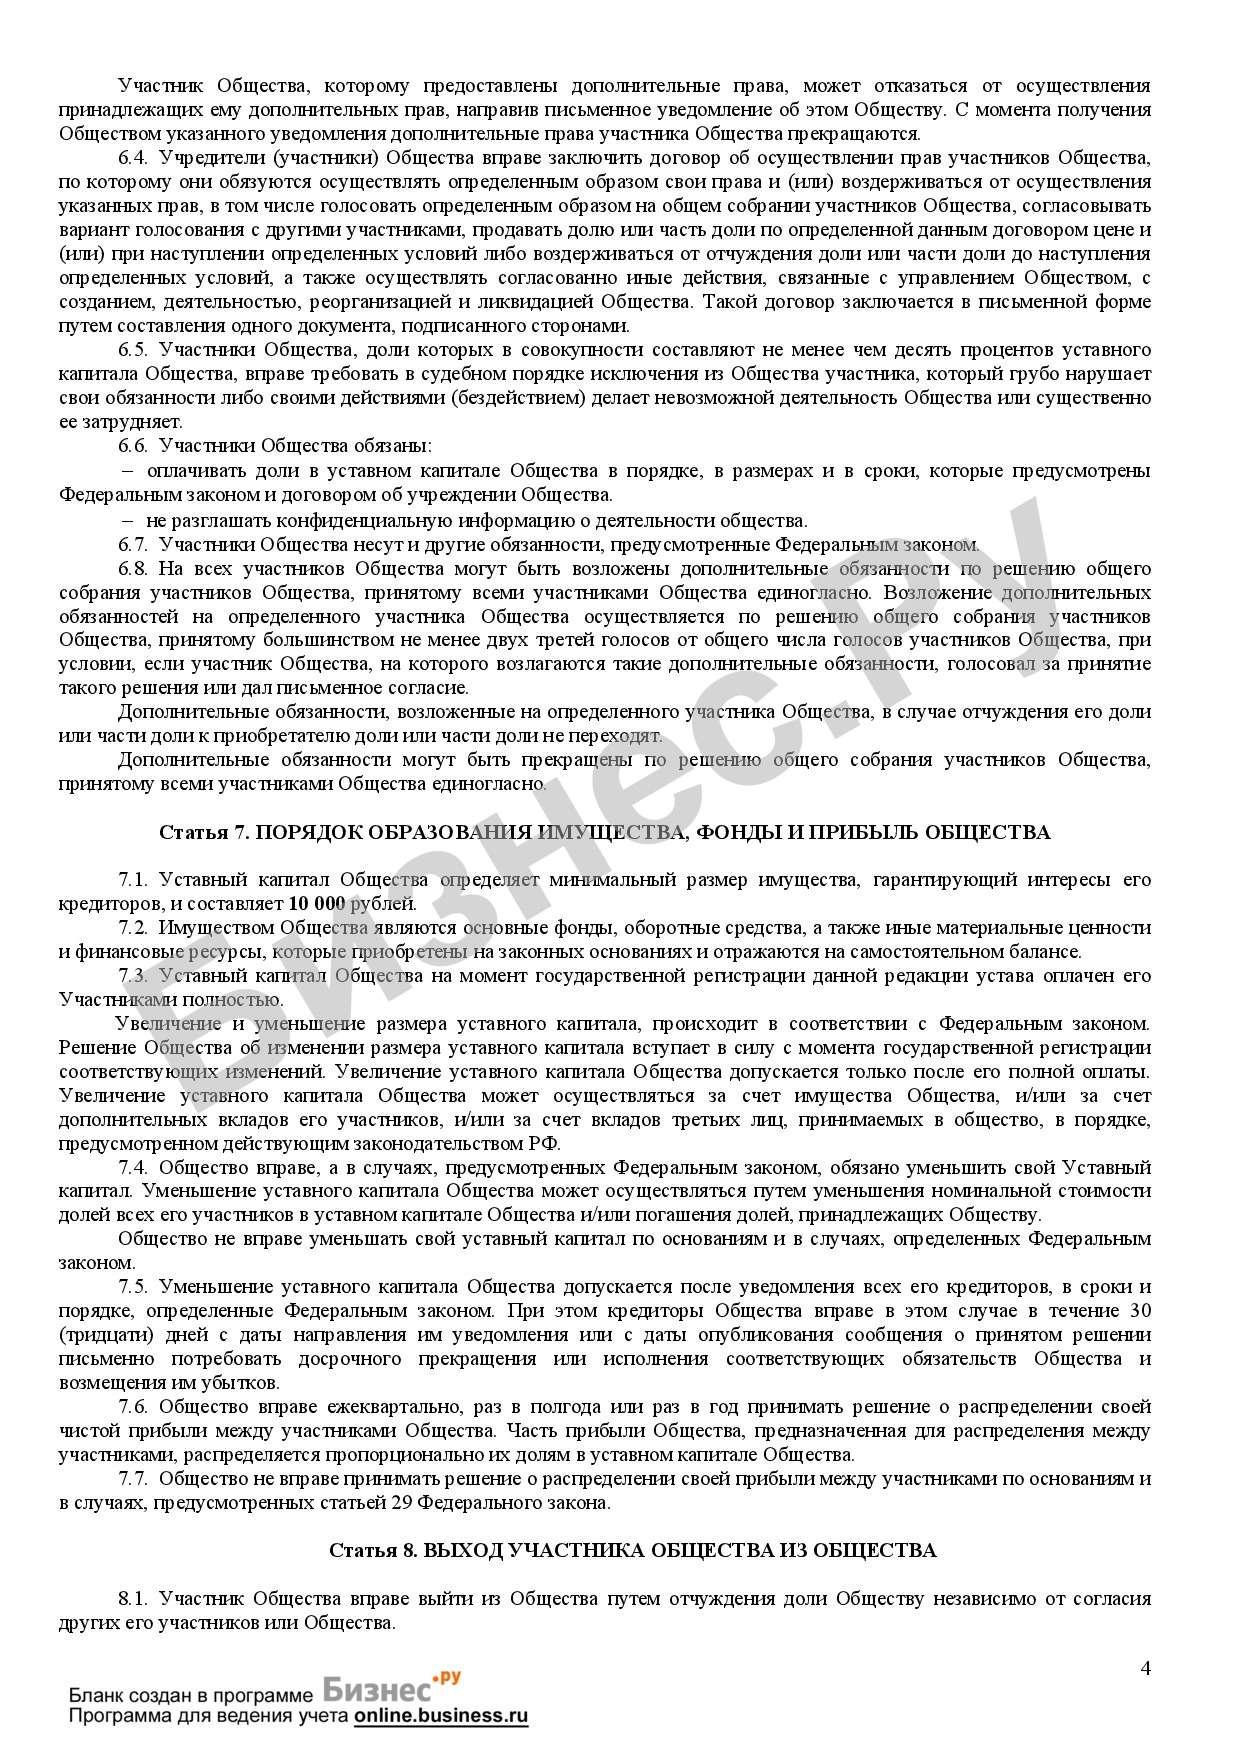 список учредителей ооо образец 2014